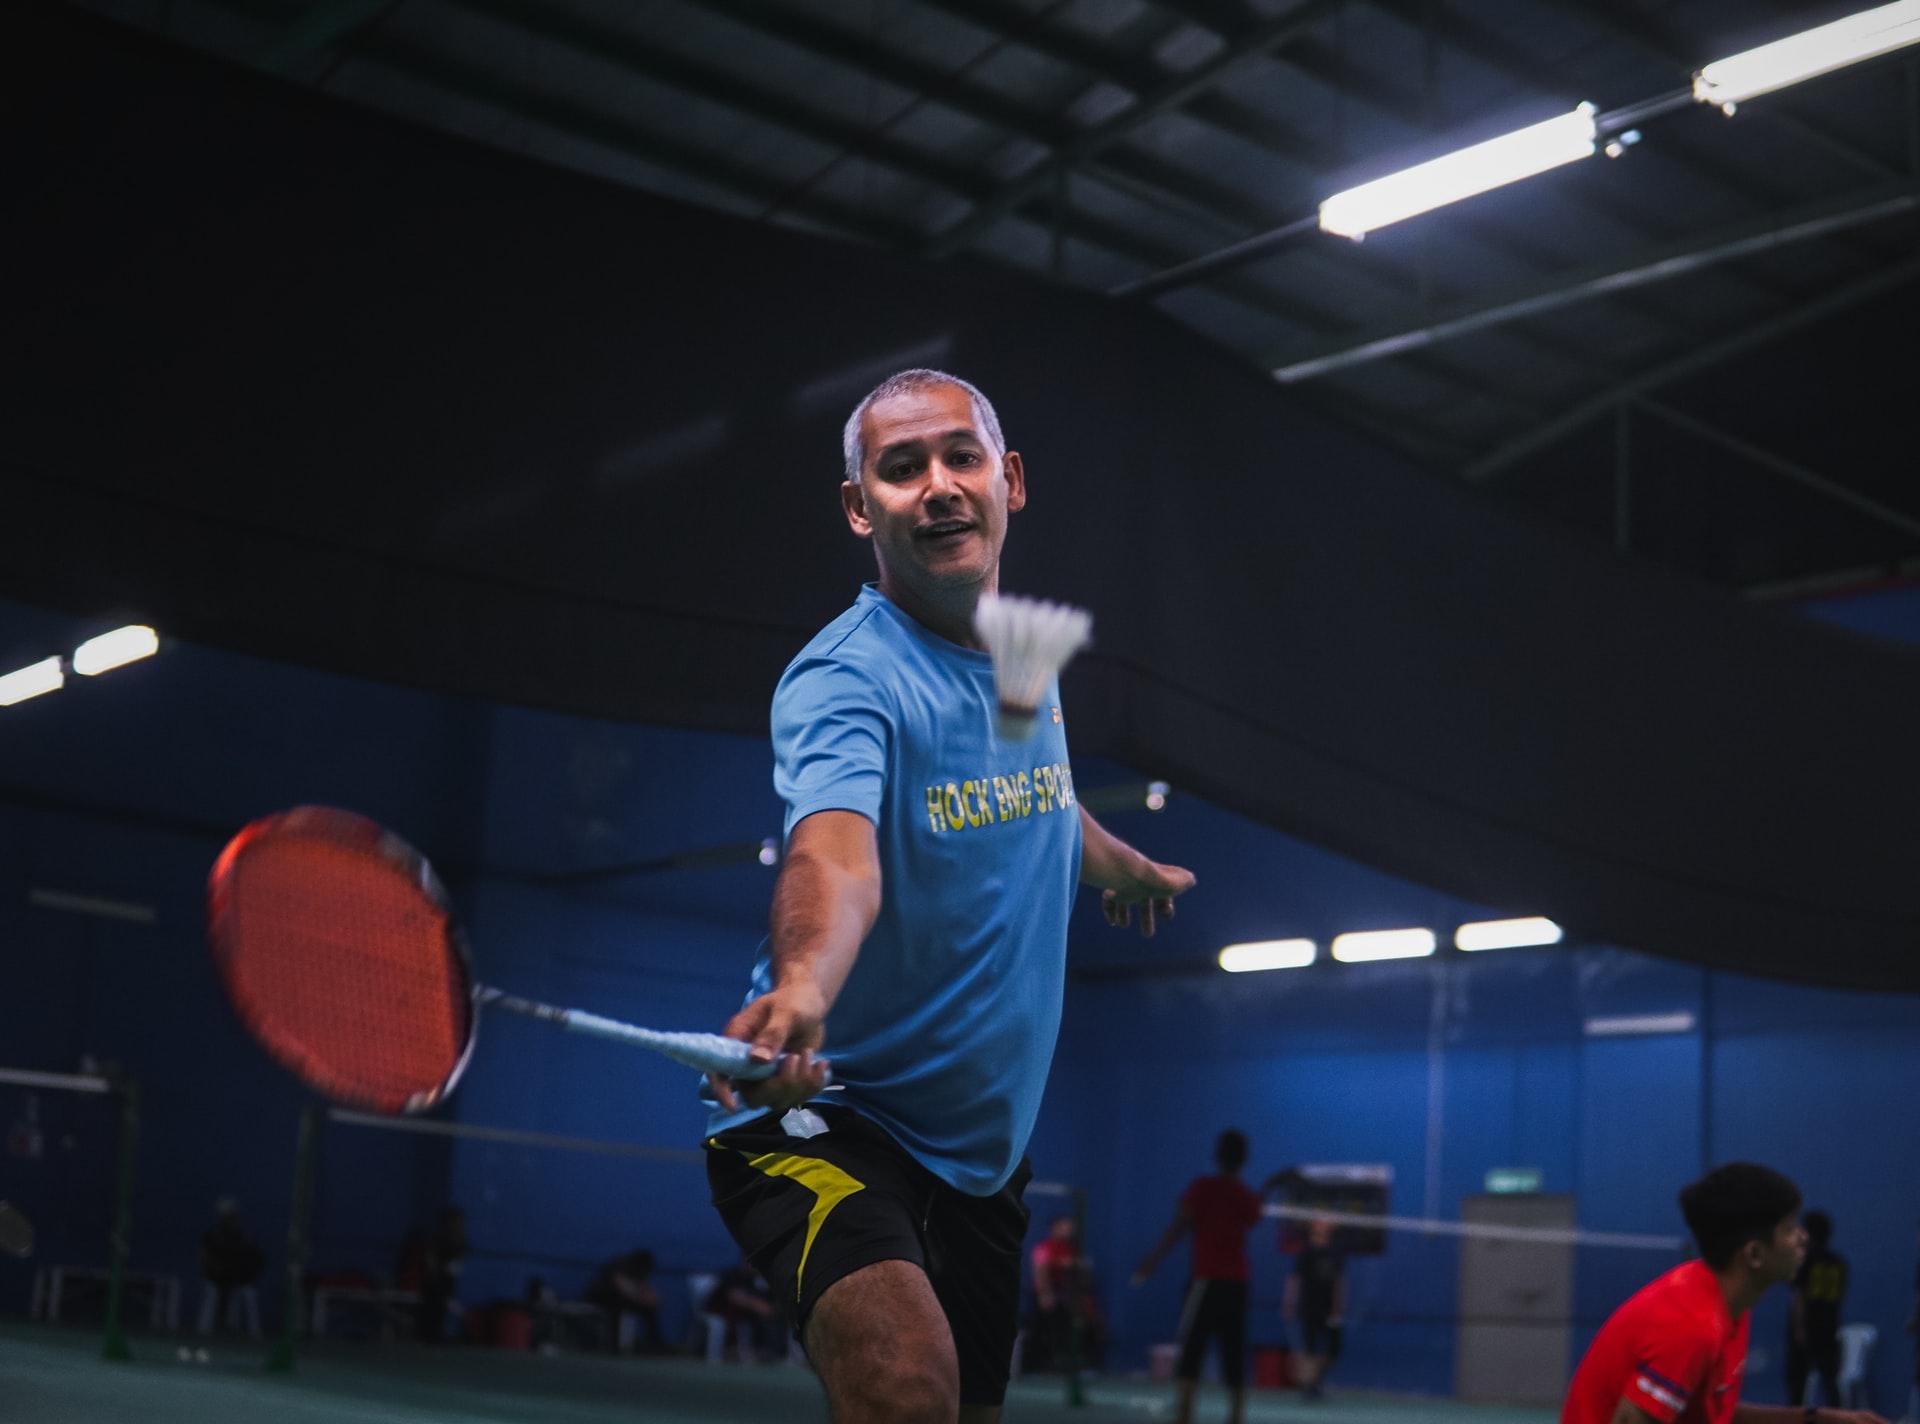 sunrise-badminton-seniors-mindset-coaching